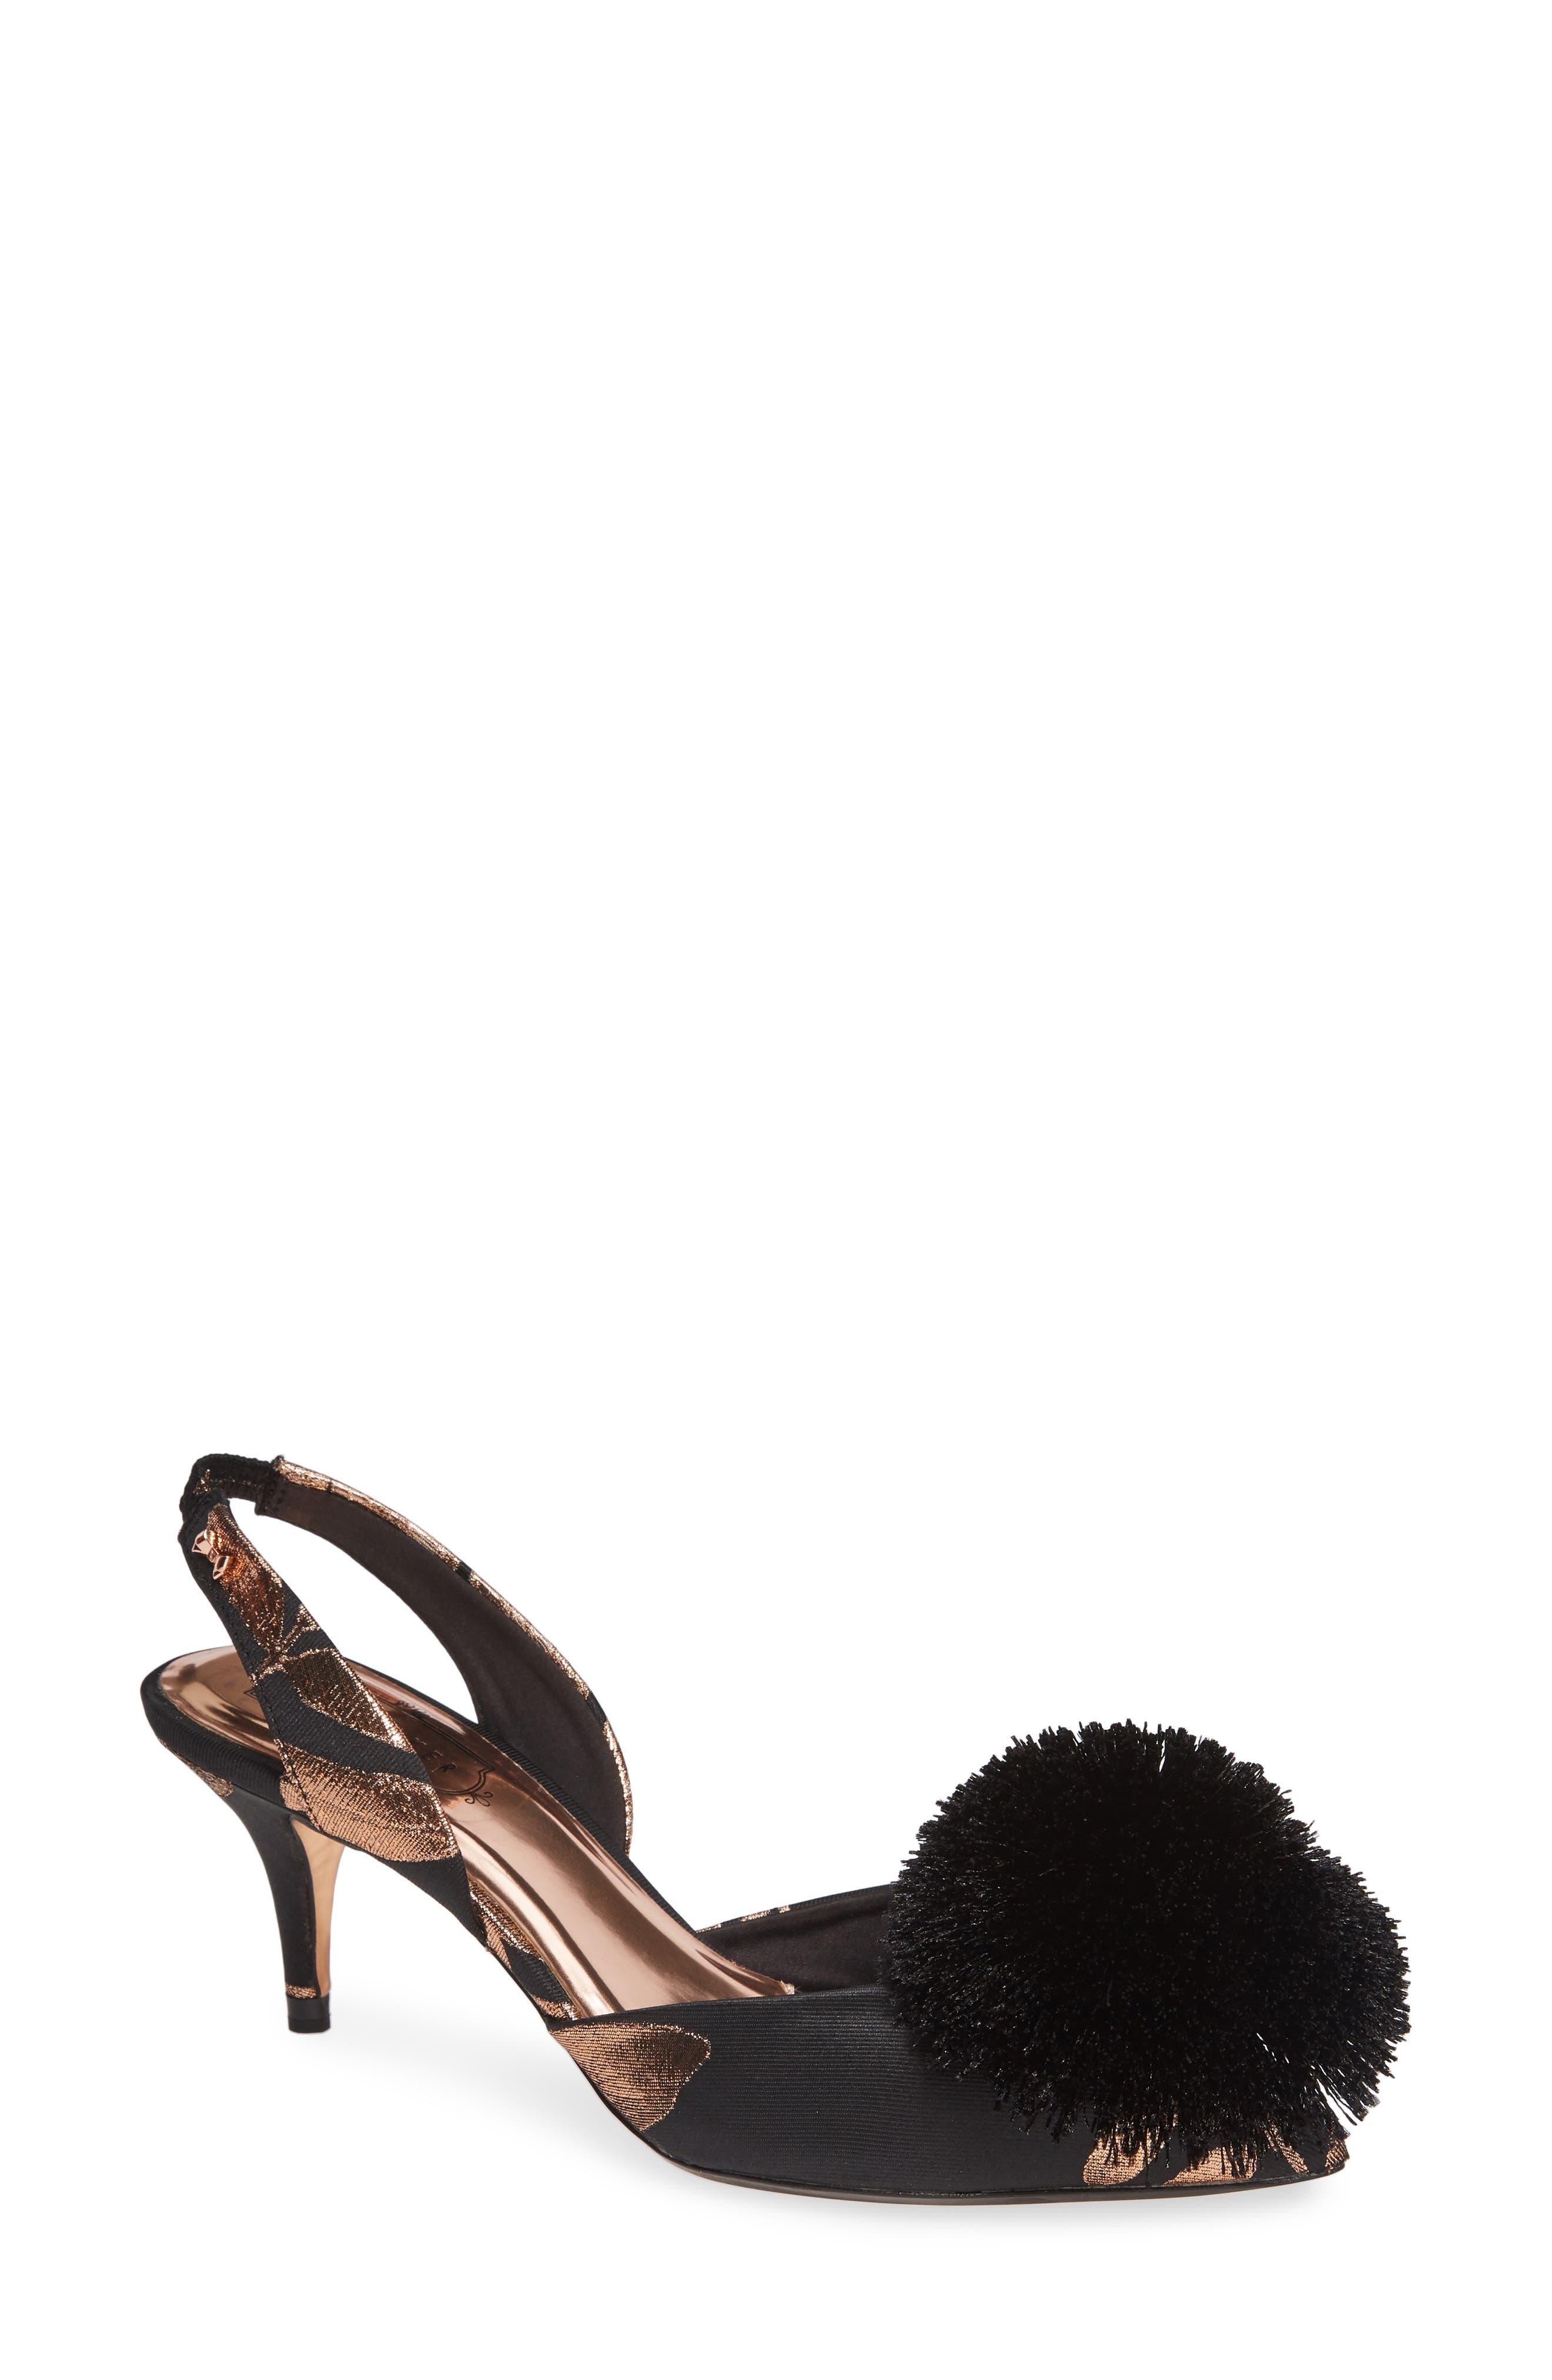 Mikali Yarn Pouf Sandal,                             Main thumbnail 1, color,                             BLACK KIRSTEN BOSCH